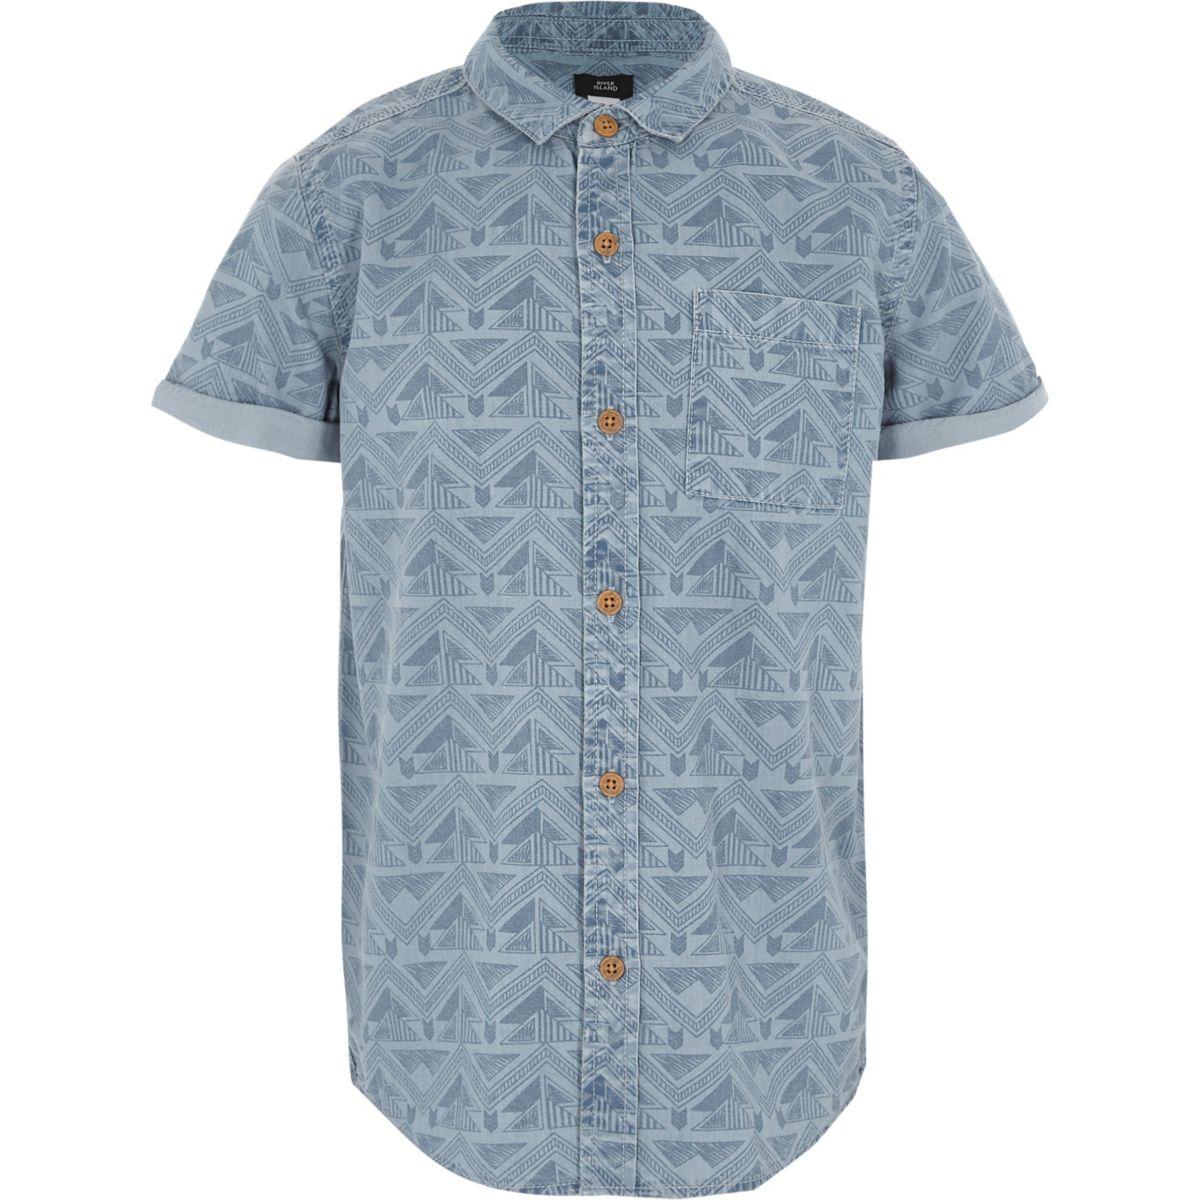 Boys blue aztec print short sleeve shirt